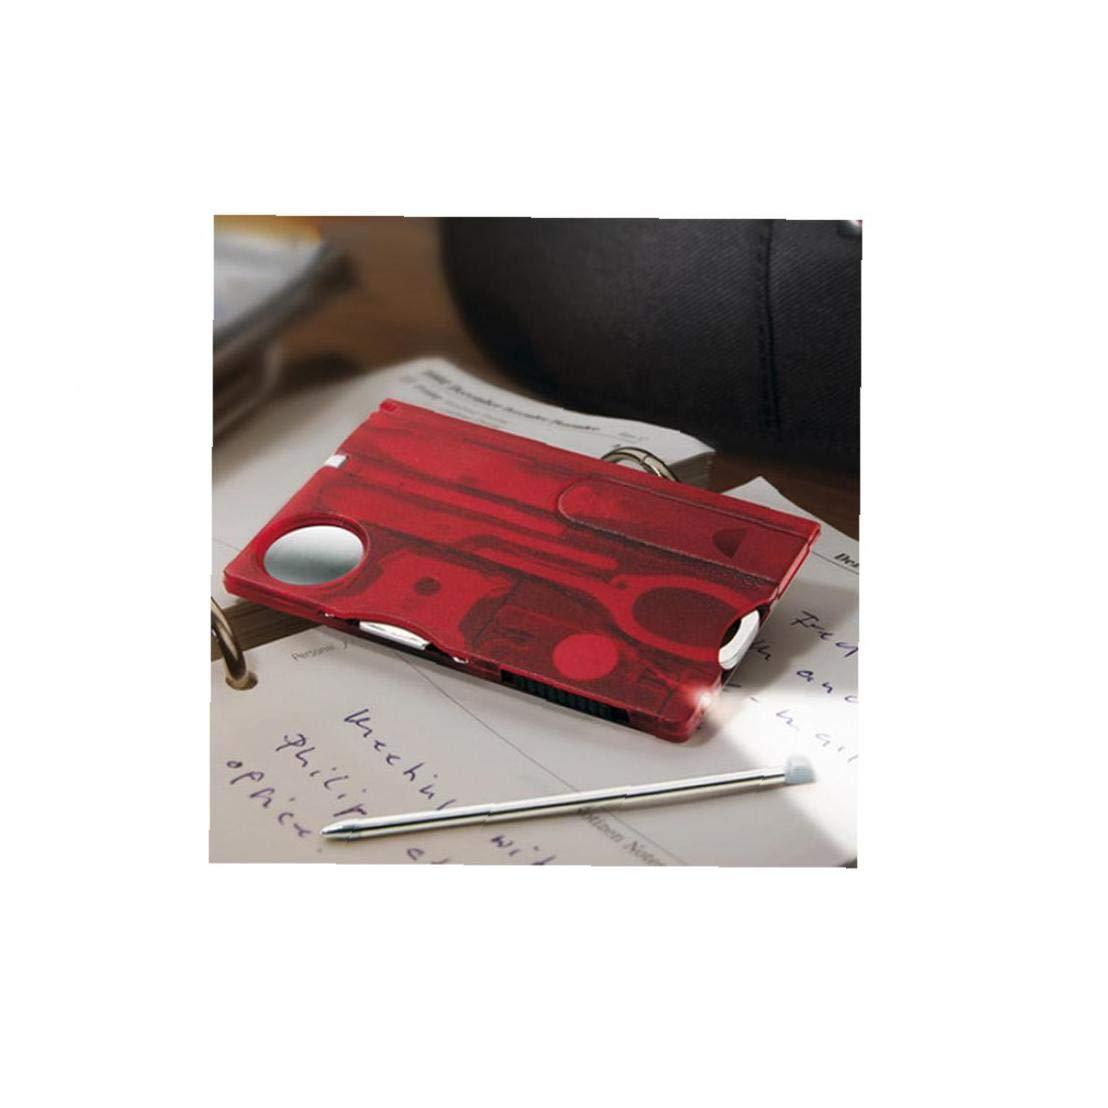 12-En-1 Multifunci/ón Tarjetas Herramienta Que Acampa Barbacoa Tenedor EDC Seguridad De Primeros Auxilios Al Aire Libre Port/átil Herramienta Tarjeta De Red